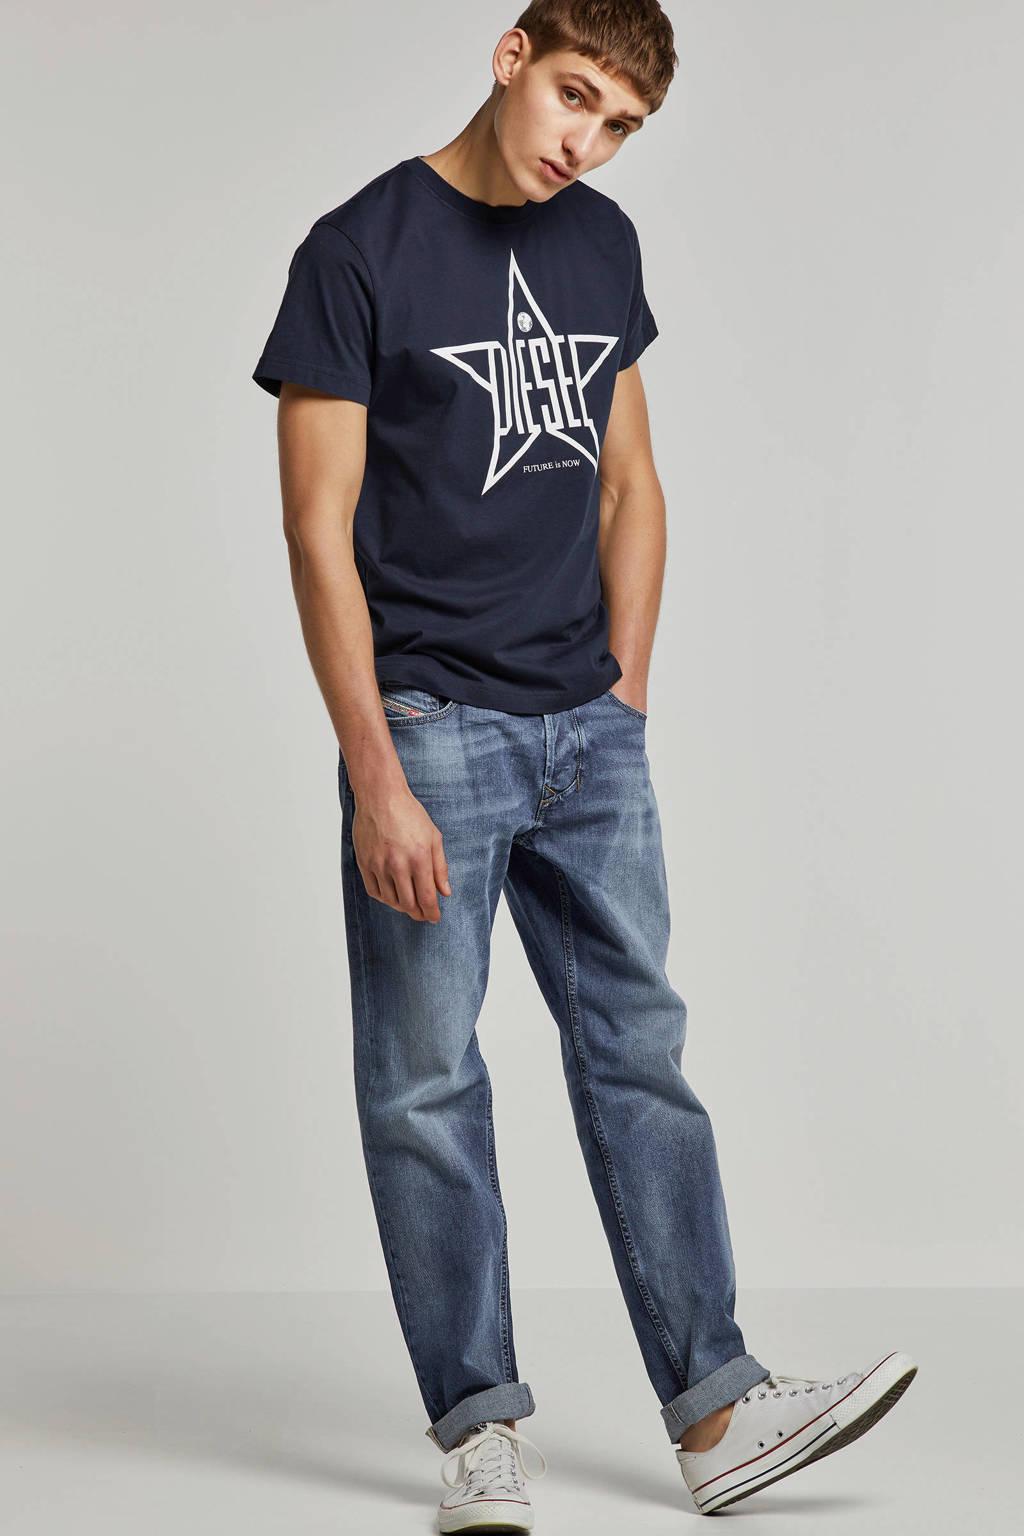 Diesel regular fit jeans Larkee-Beex, Dark denim